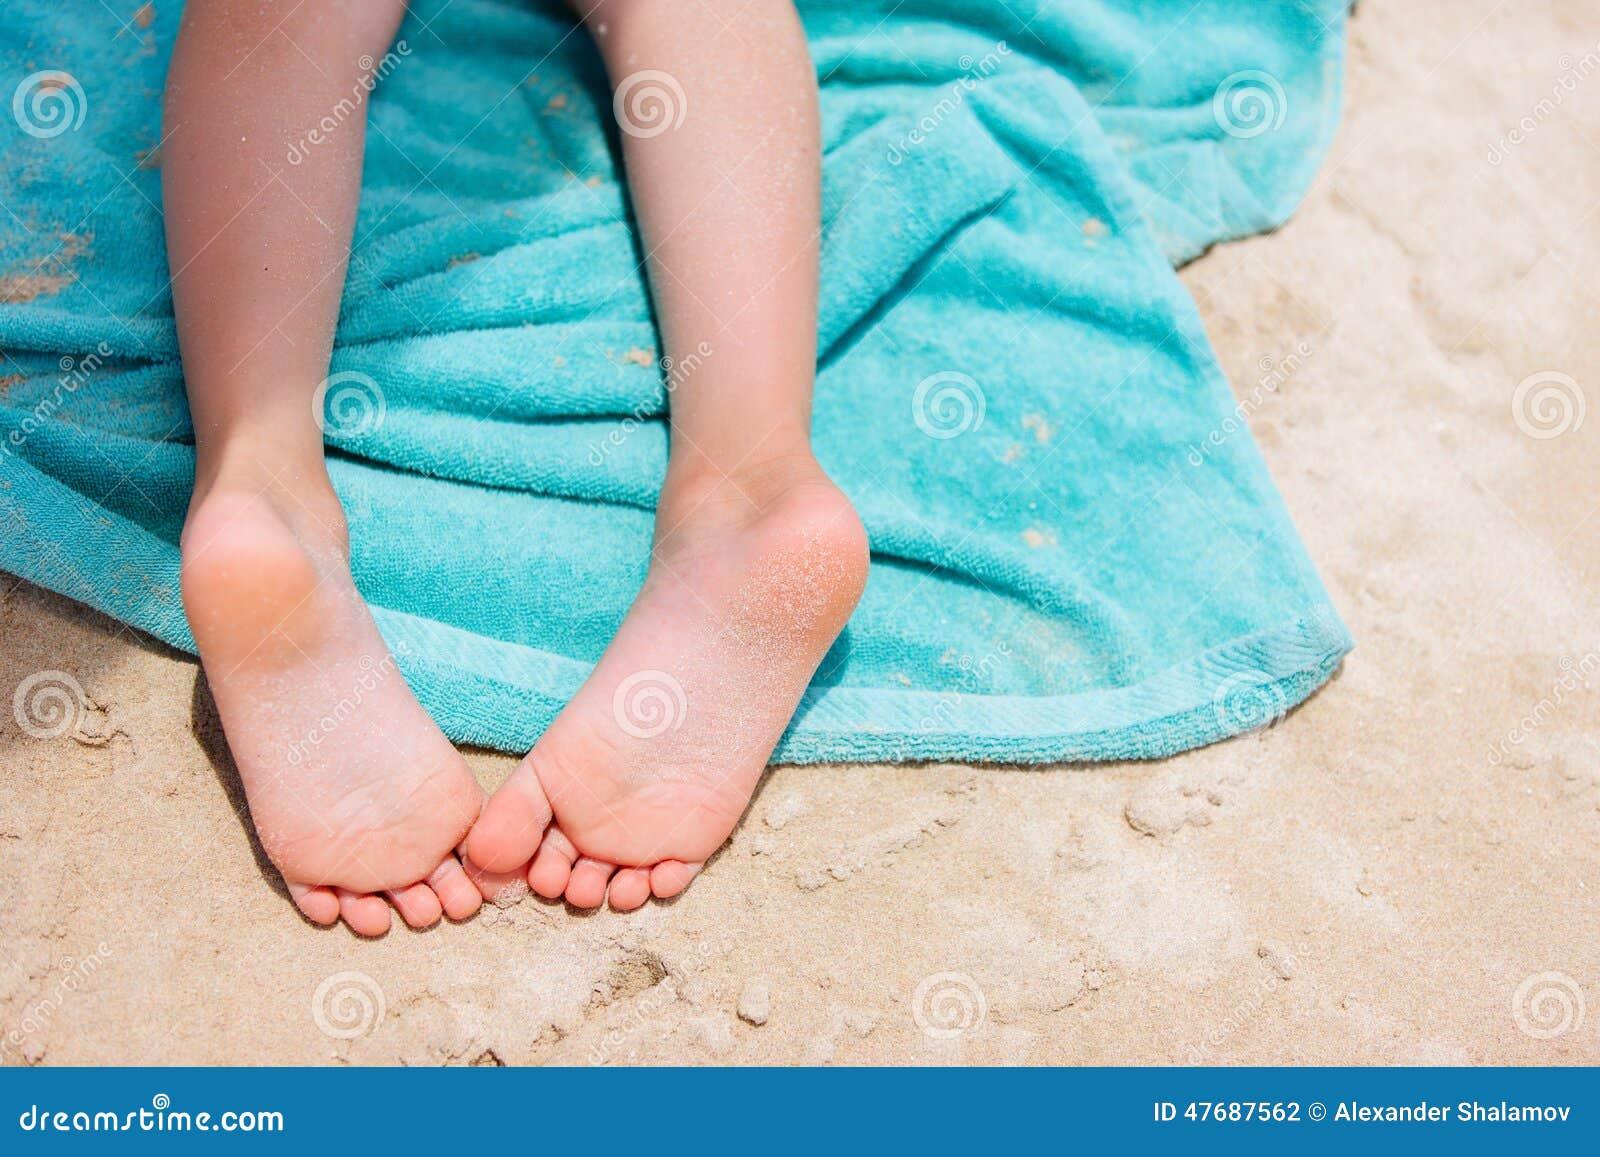 Фото ступней девочек 19 фотография